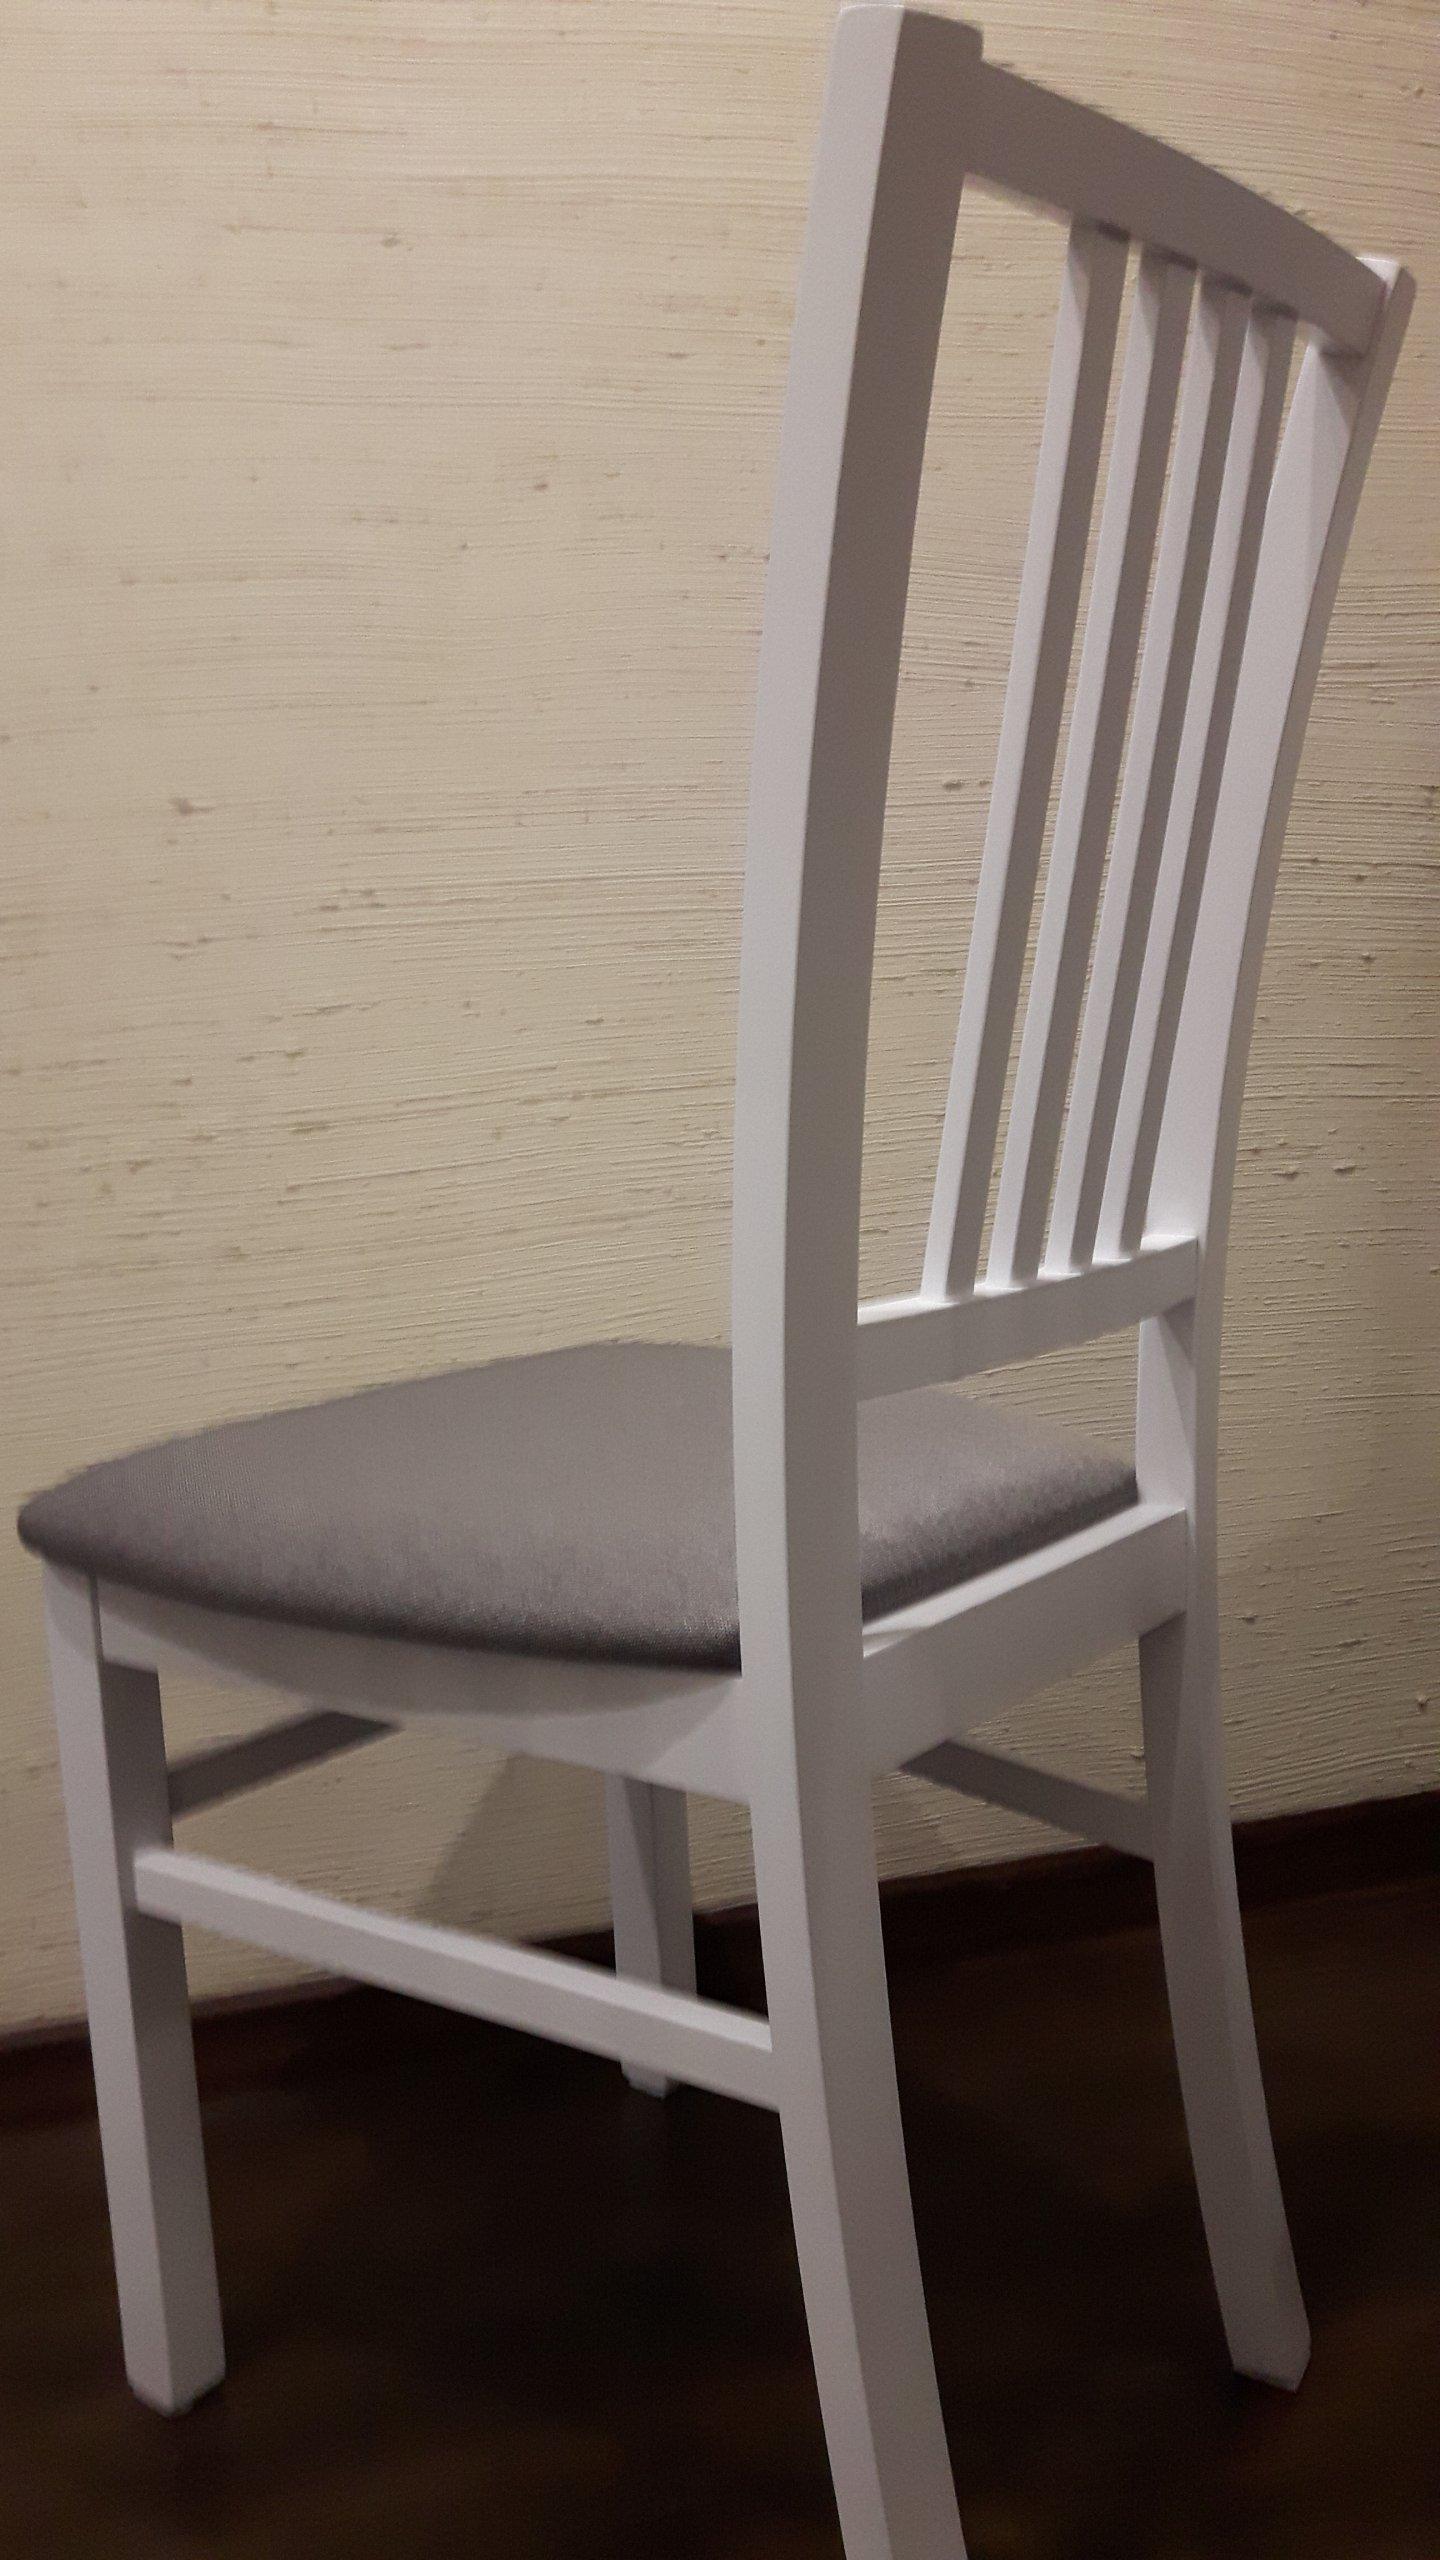 4 Nowe Piękne Stylowe Krzesła Z Salonu Agata Megi